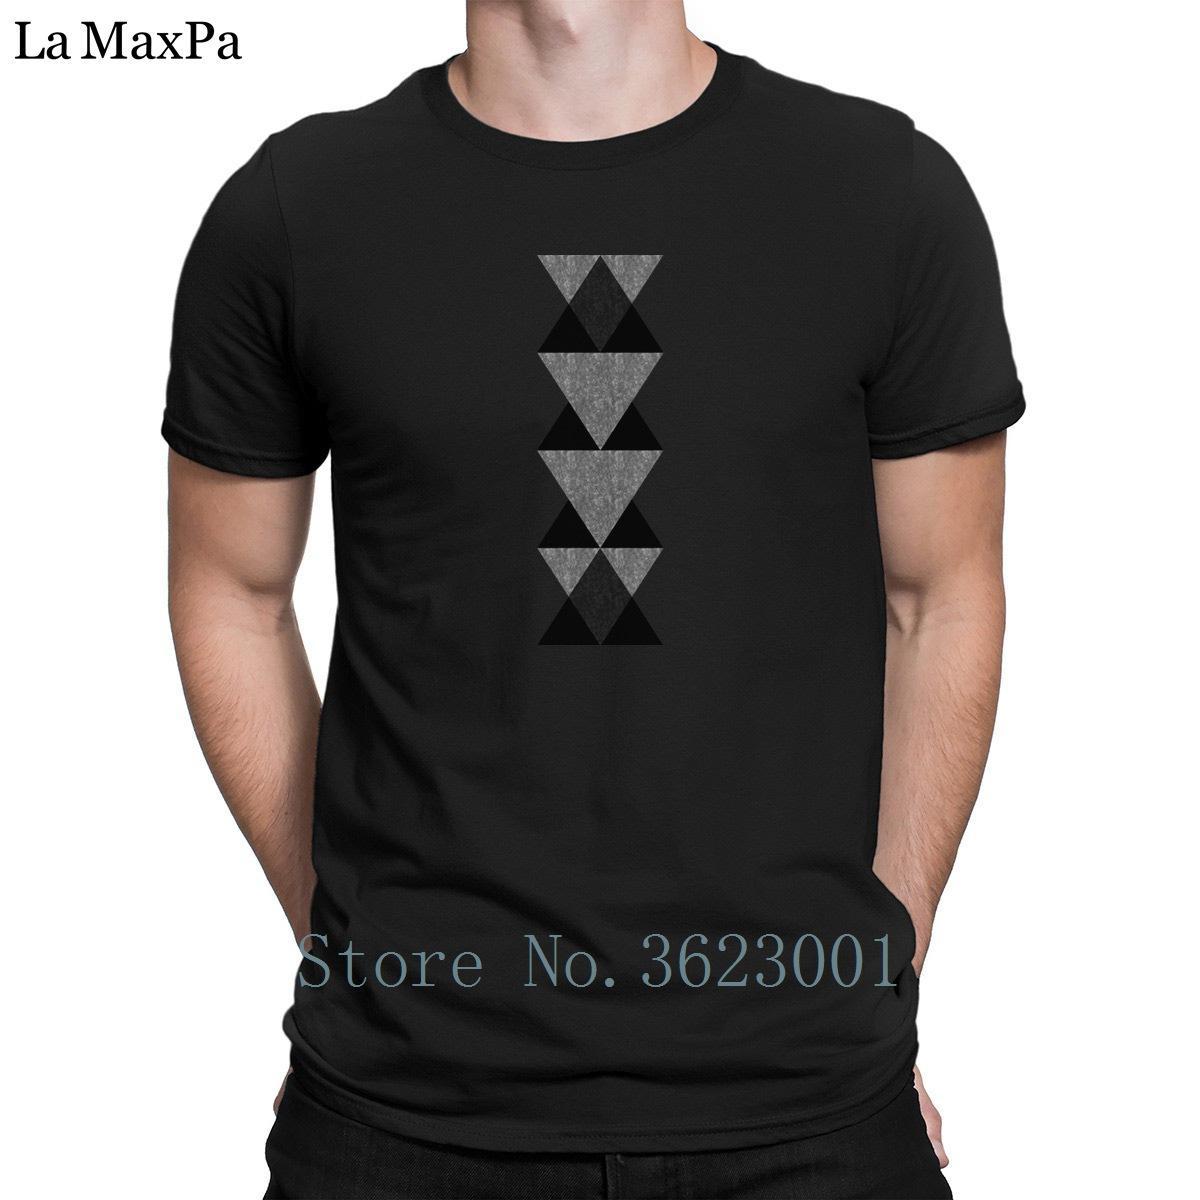 Créature Fit hommes T-shirt Totem abstrait T-shirt d'été de style de la famille T-shirt à manches courtes T-shirt pour homme homme Lettres classiques